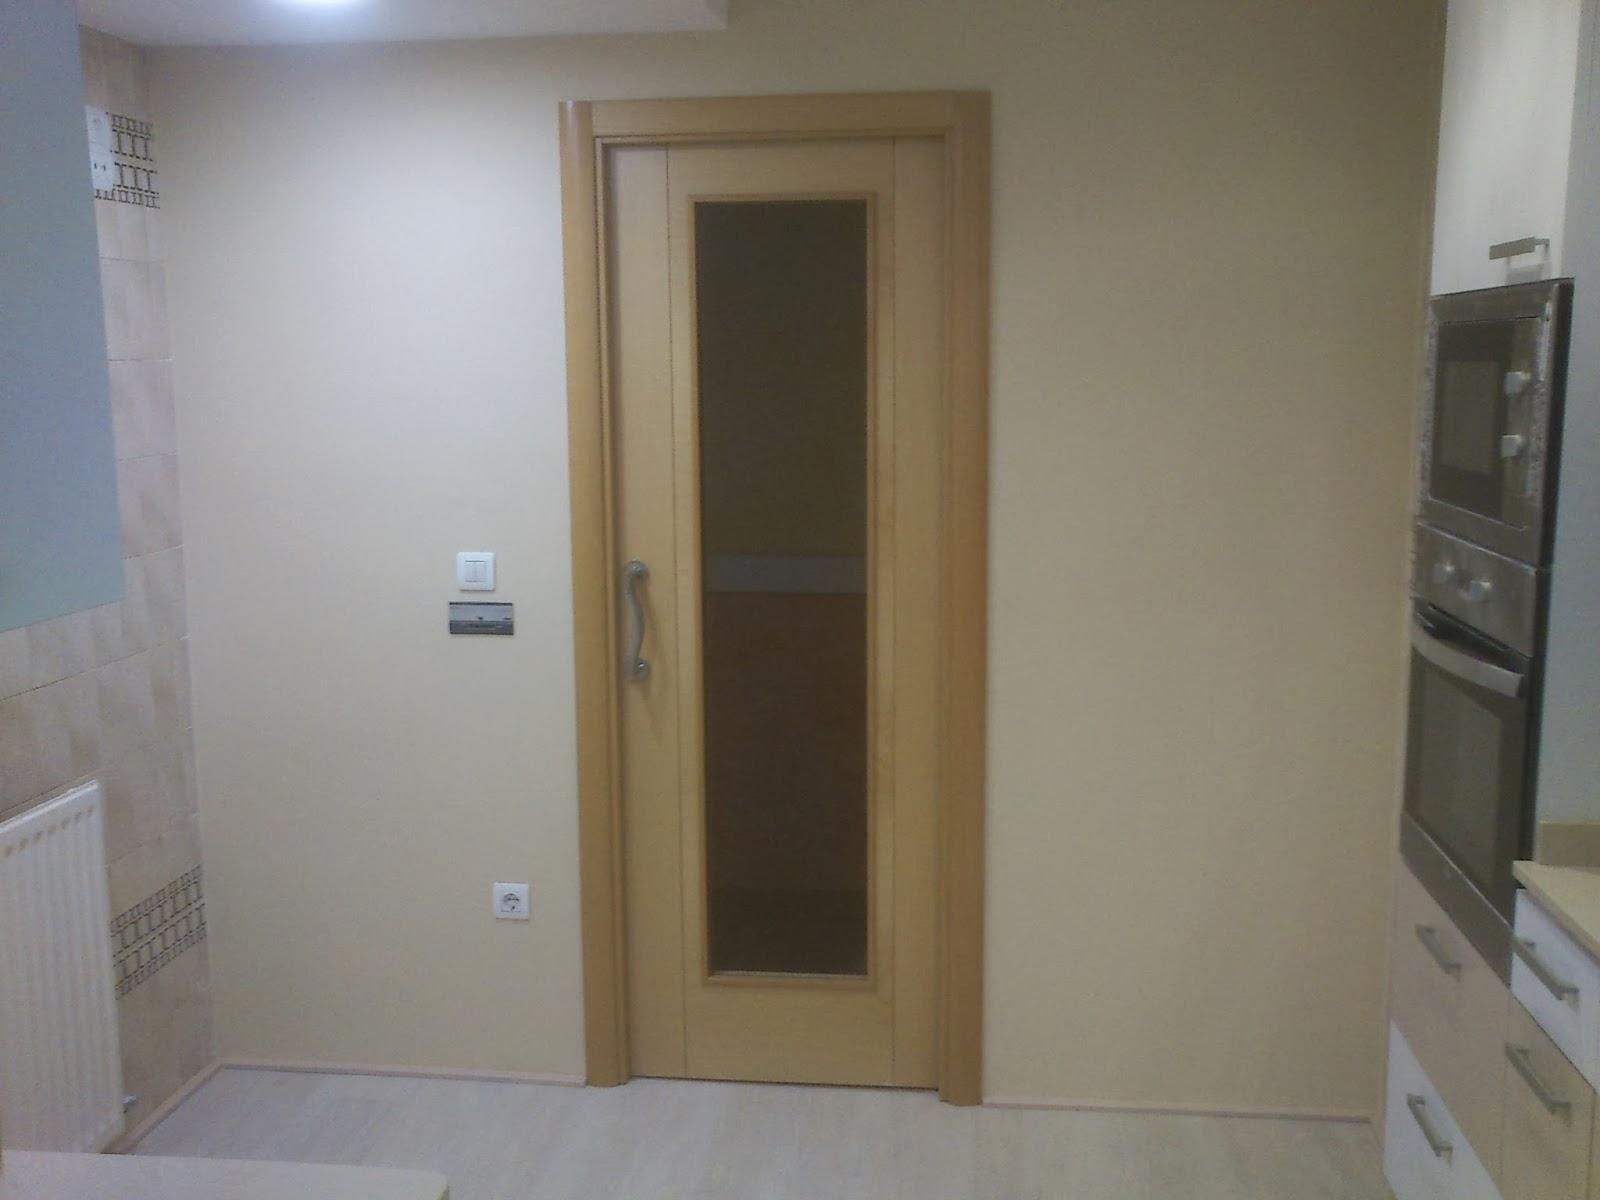 Sergio vivas carpintero colocaci n de puertas suelo - Puertas correderas de salon ...